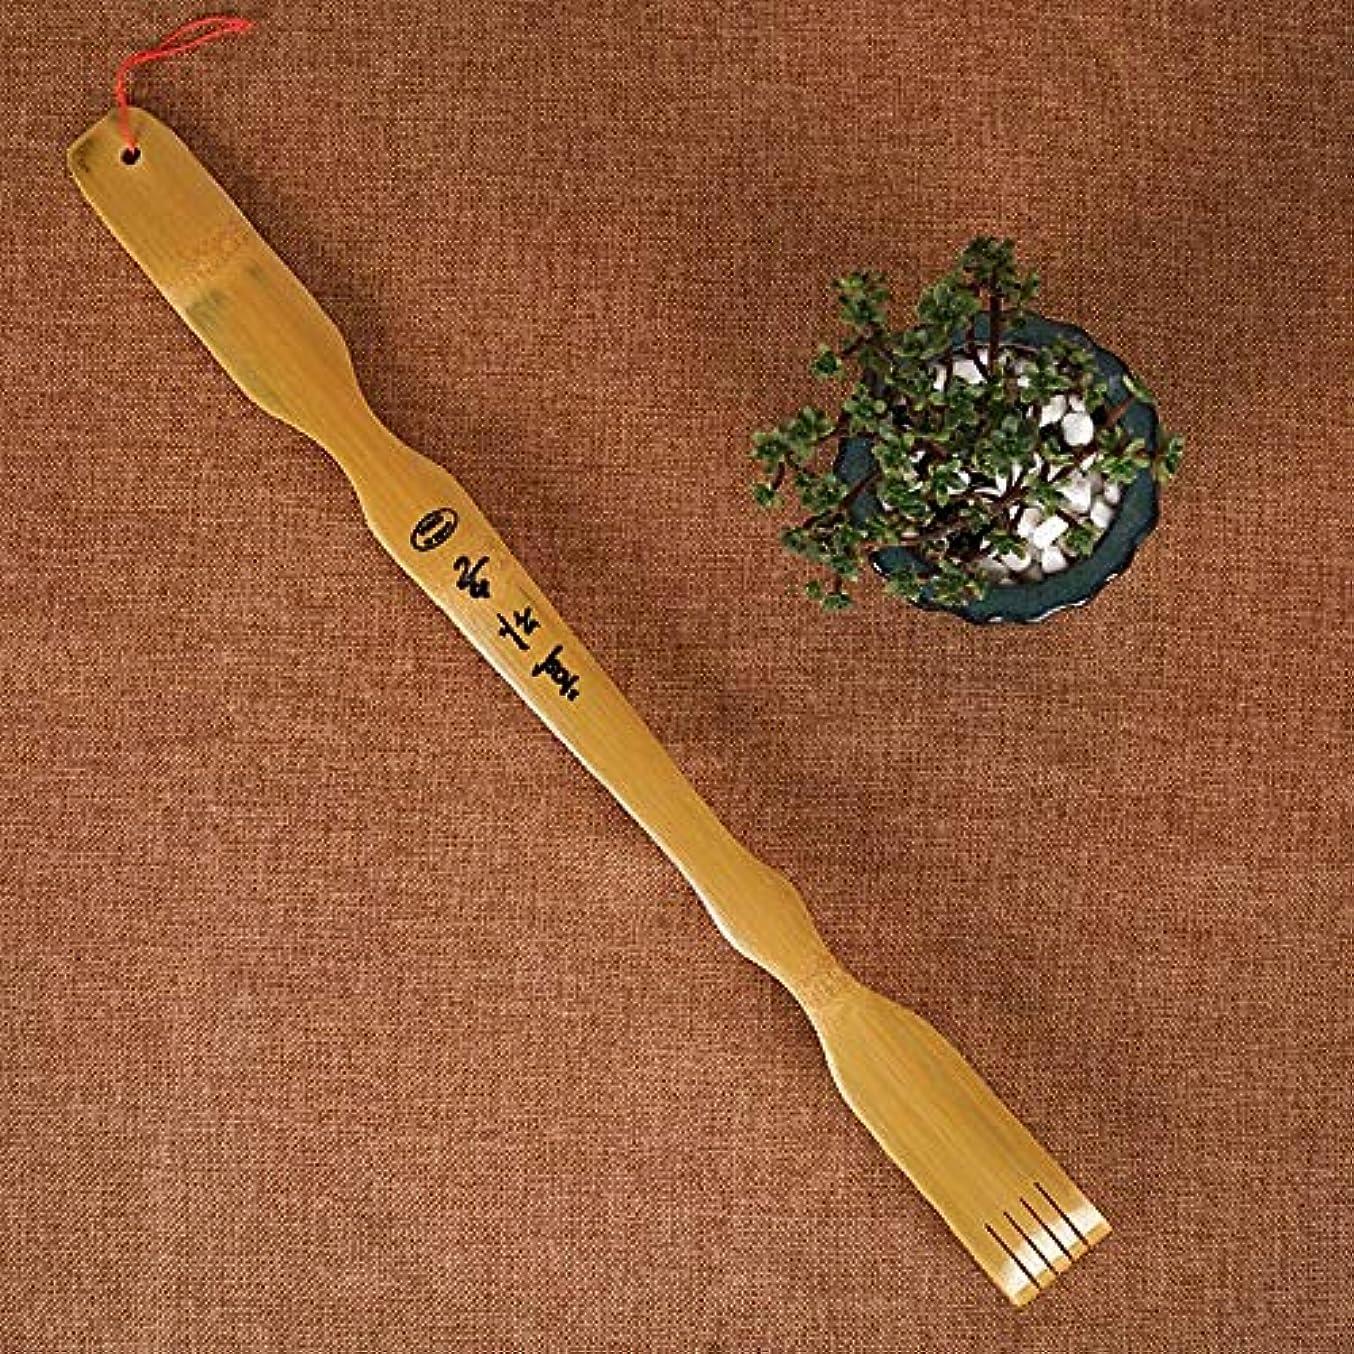 レンズ撤回する推測するRuby背中掻きブラシ 竹製 まごのて 敬老の日 プレゼント高人気 背中かゆみを止め マッサージ用